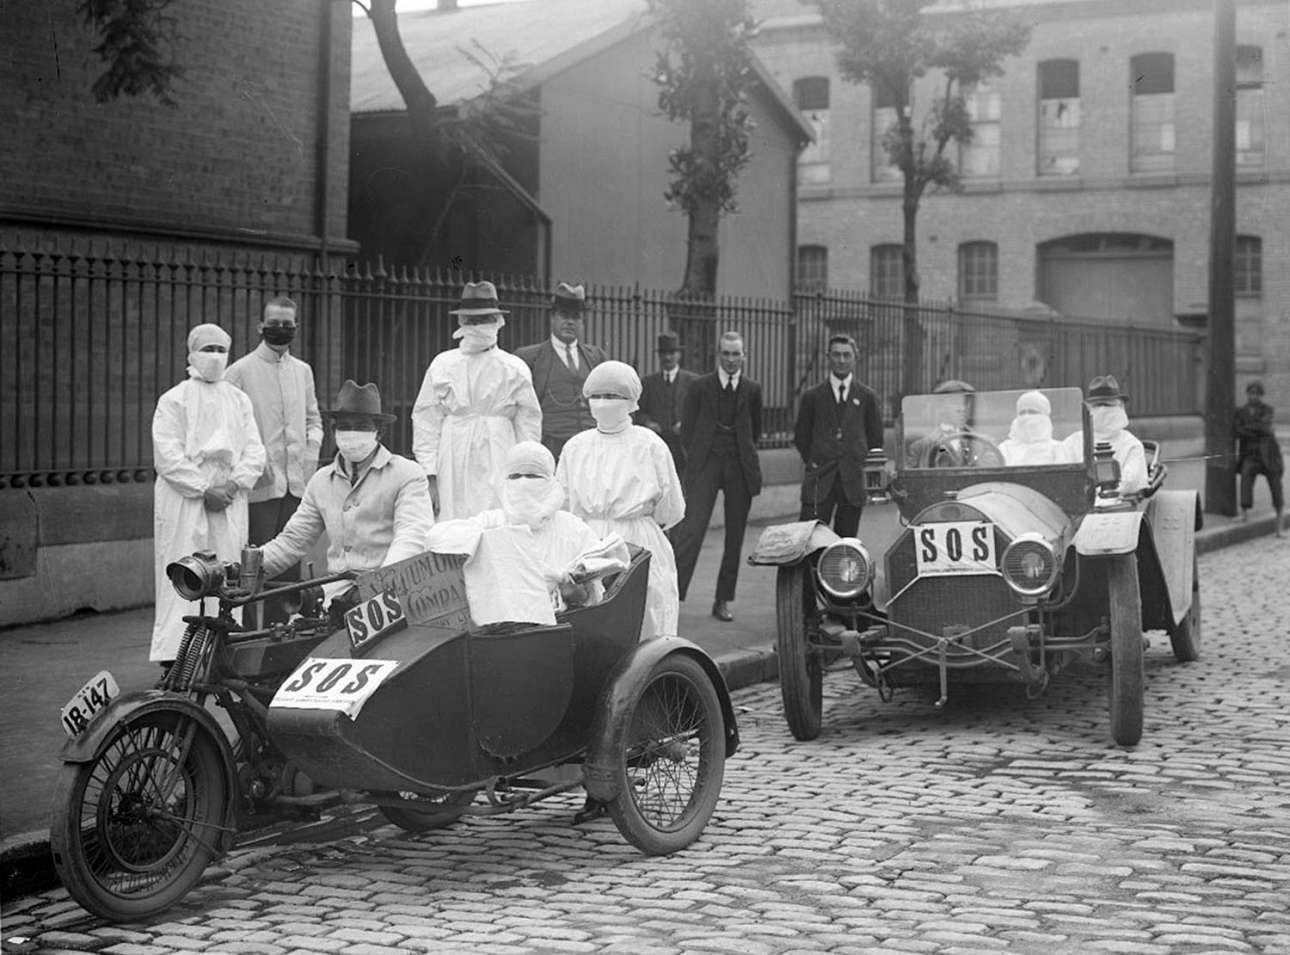 Στο Σίδνεϊ της Αυστραλίας, νοσοκόμες απομακρύνονται από το αμαξοστάσιο Blackfriars τον Απρίλιο του 1919